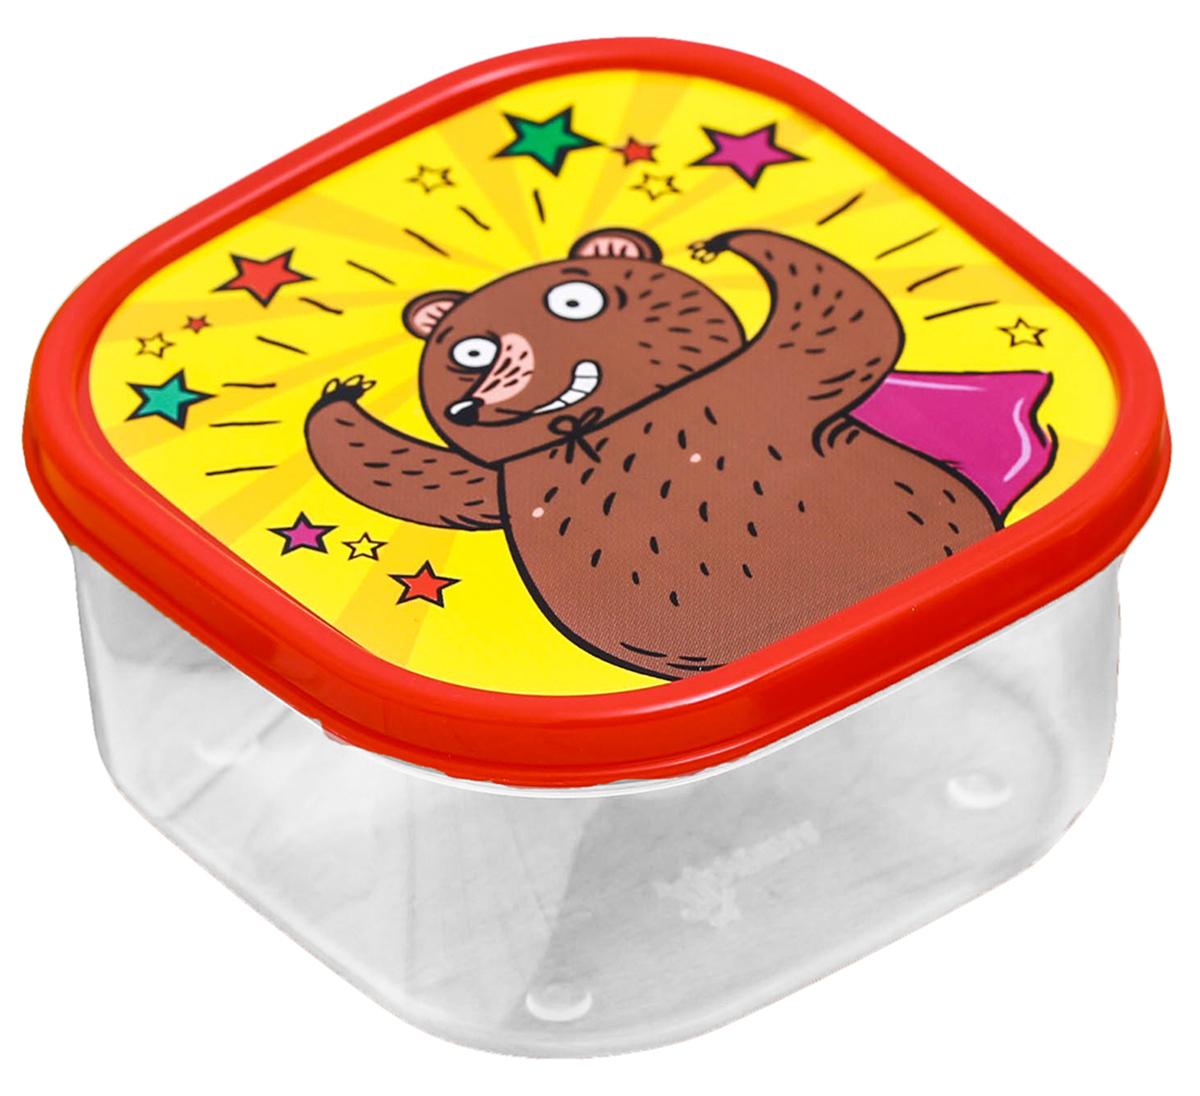 Ланч-бокс Обед супер героя, 0,4 л2789829Изделие произведено в России из качественного пищевого пластика, снабжено плотнозакрывающейся крышкой, а это значит, что вы сможете брать на работу, в дорогу или на пикникразнообразную, а самое главное - вкусную и полезную пищу! Оригинальный рисунок на крышкеподнимет настроение хозяину и окружающим.Контейнер прост и удобен в обращении: его можно хранить в холодильнике, разогревать вмикроволновой печи, мыть в посудомоечной машине.